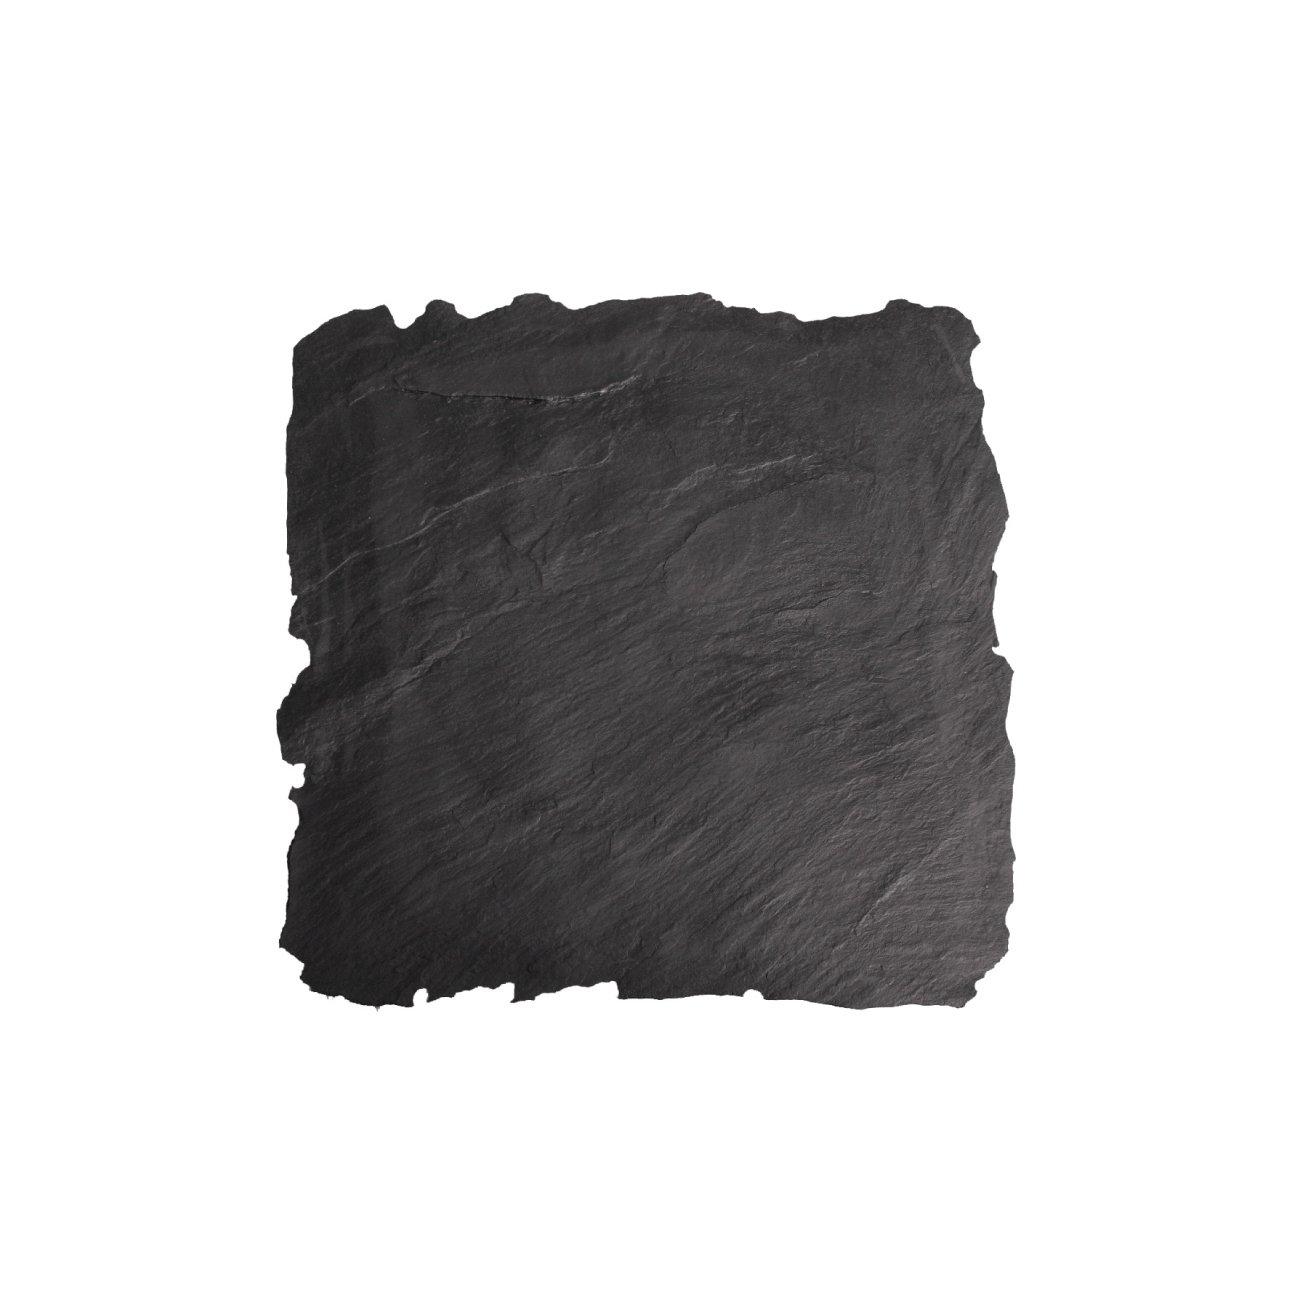 ライトスレートスタンプ(黒)45�×45�